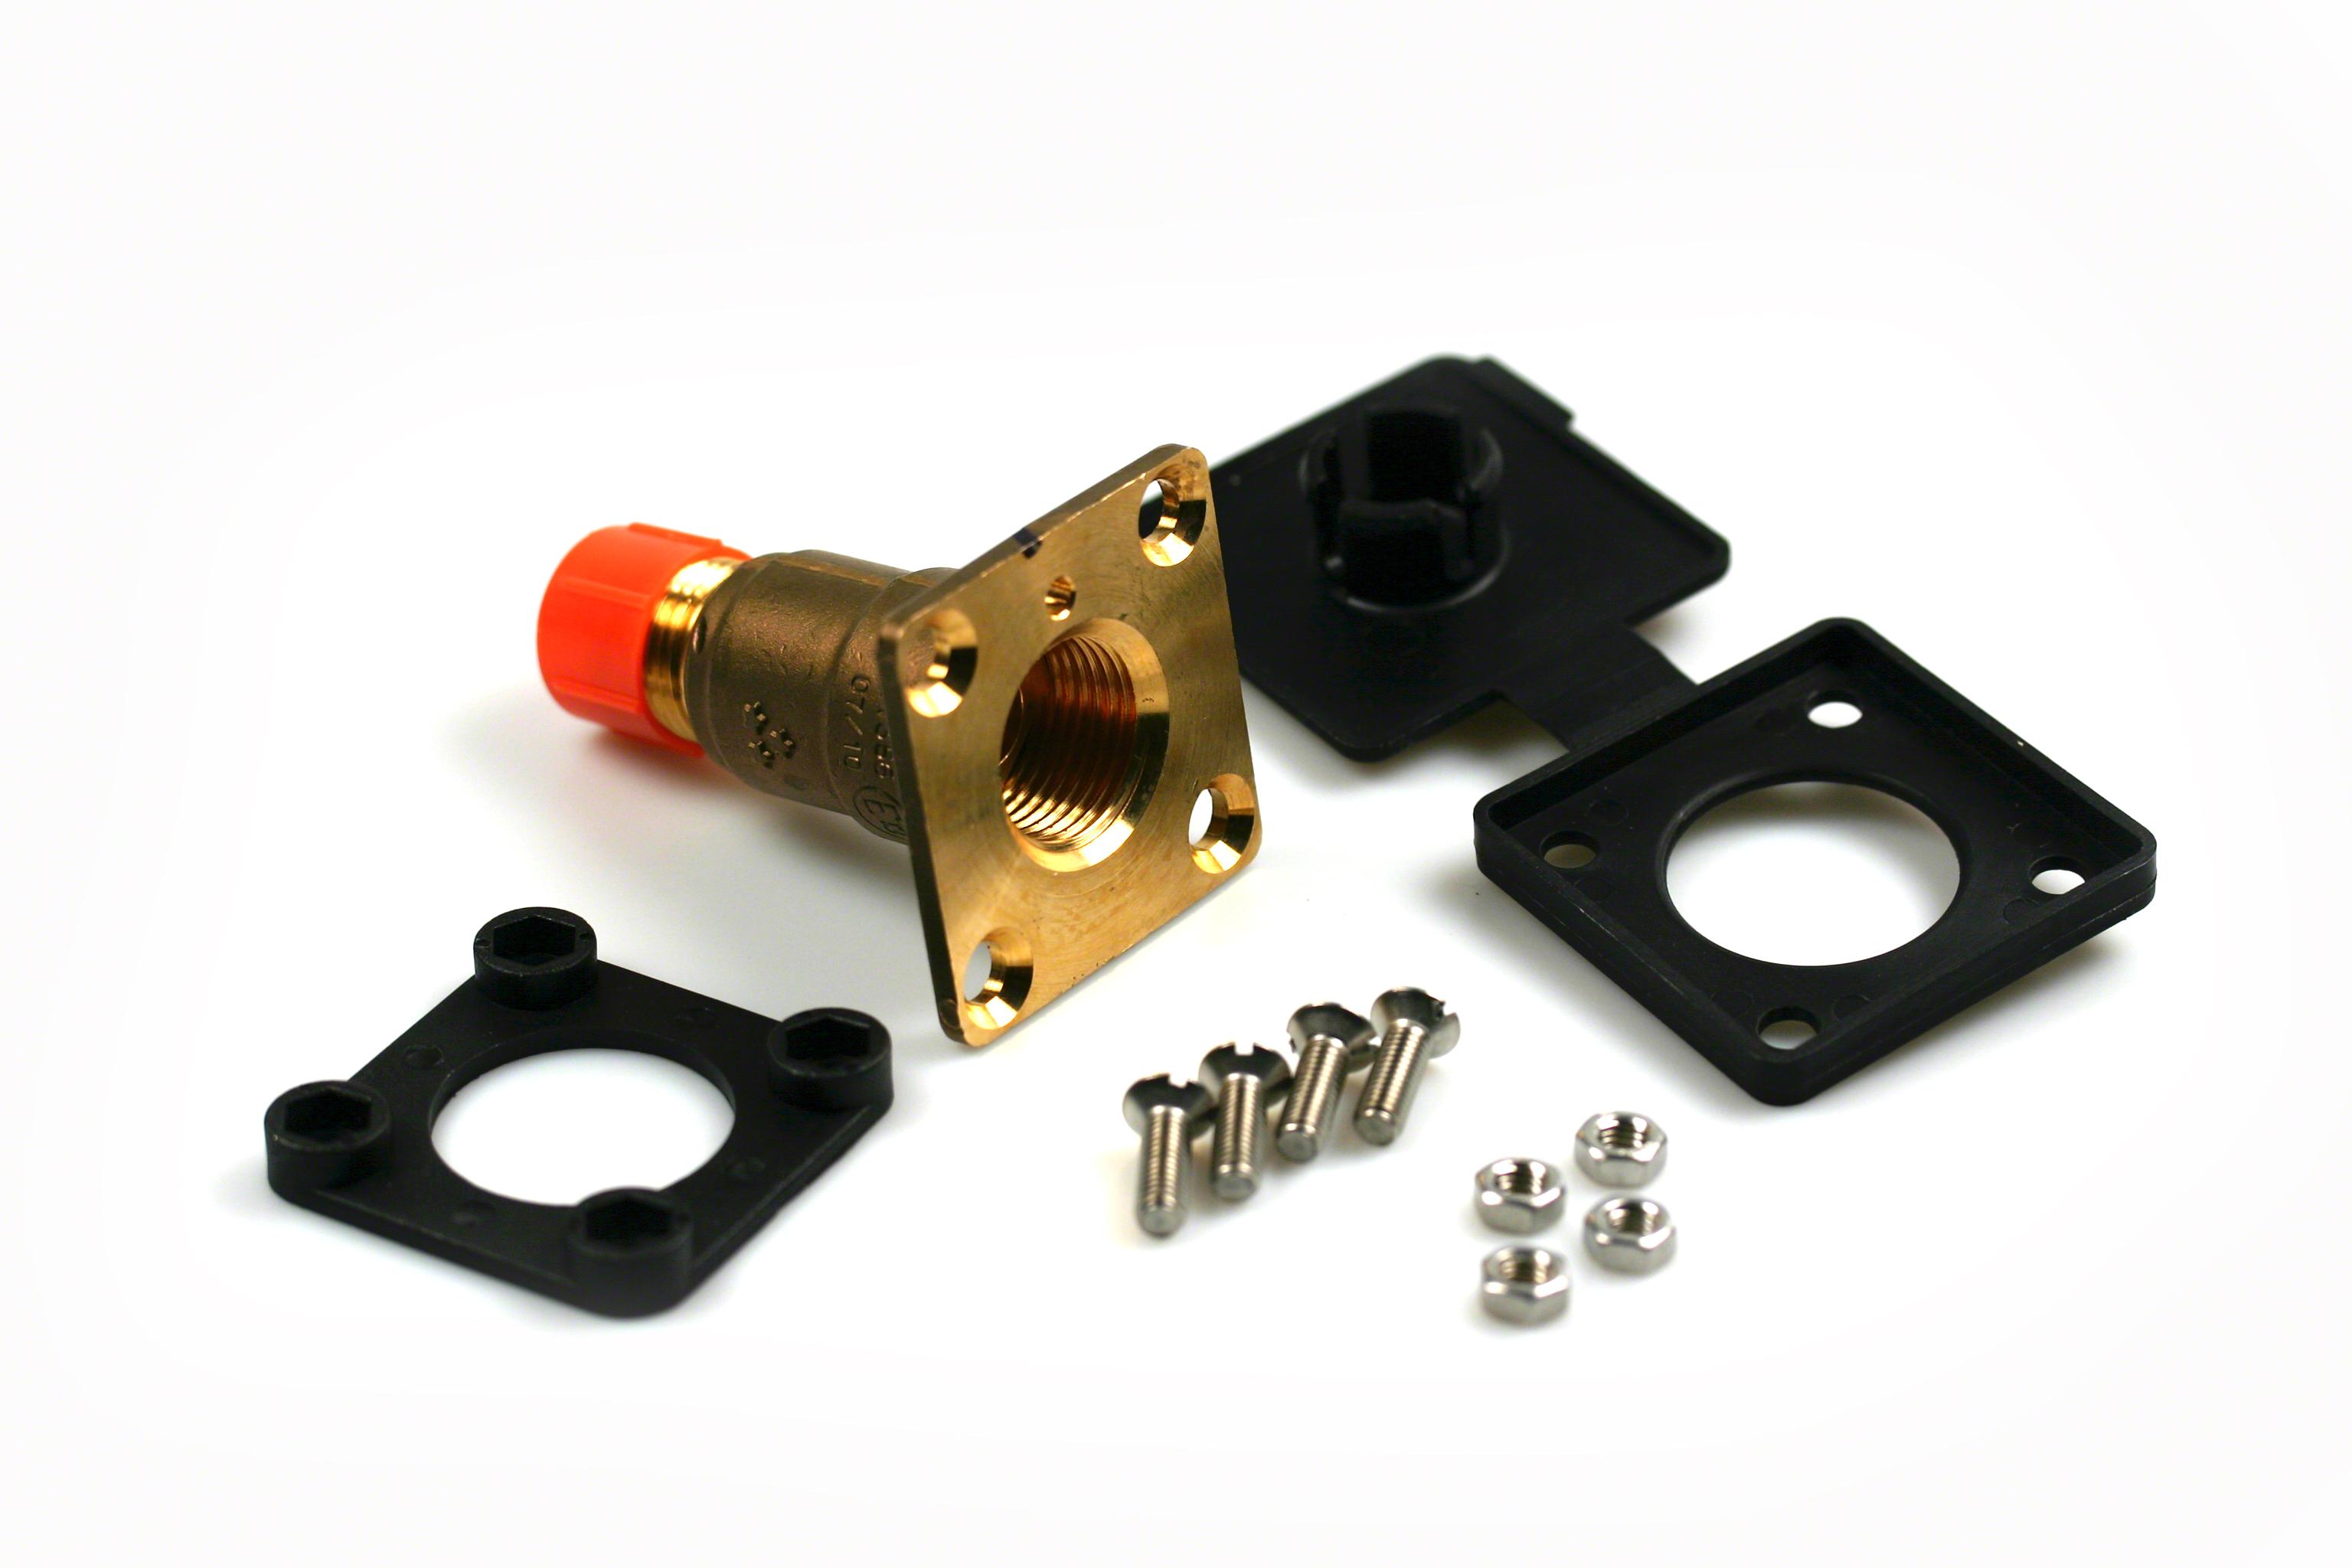 KOMPOSIT-Gasflasche-24-5L-wiederbefuellbar-mit-Multiventil-80-Fuellstop-AUTOGAS Indexbild 7